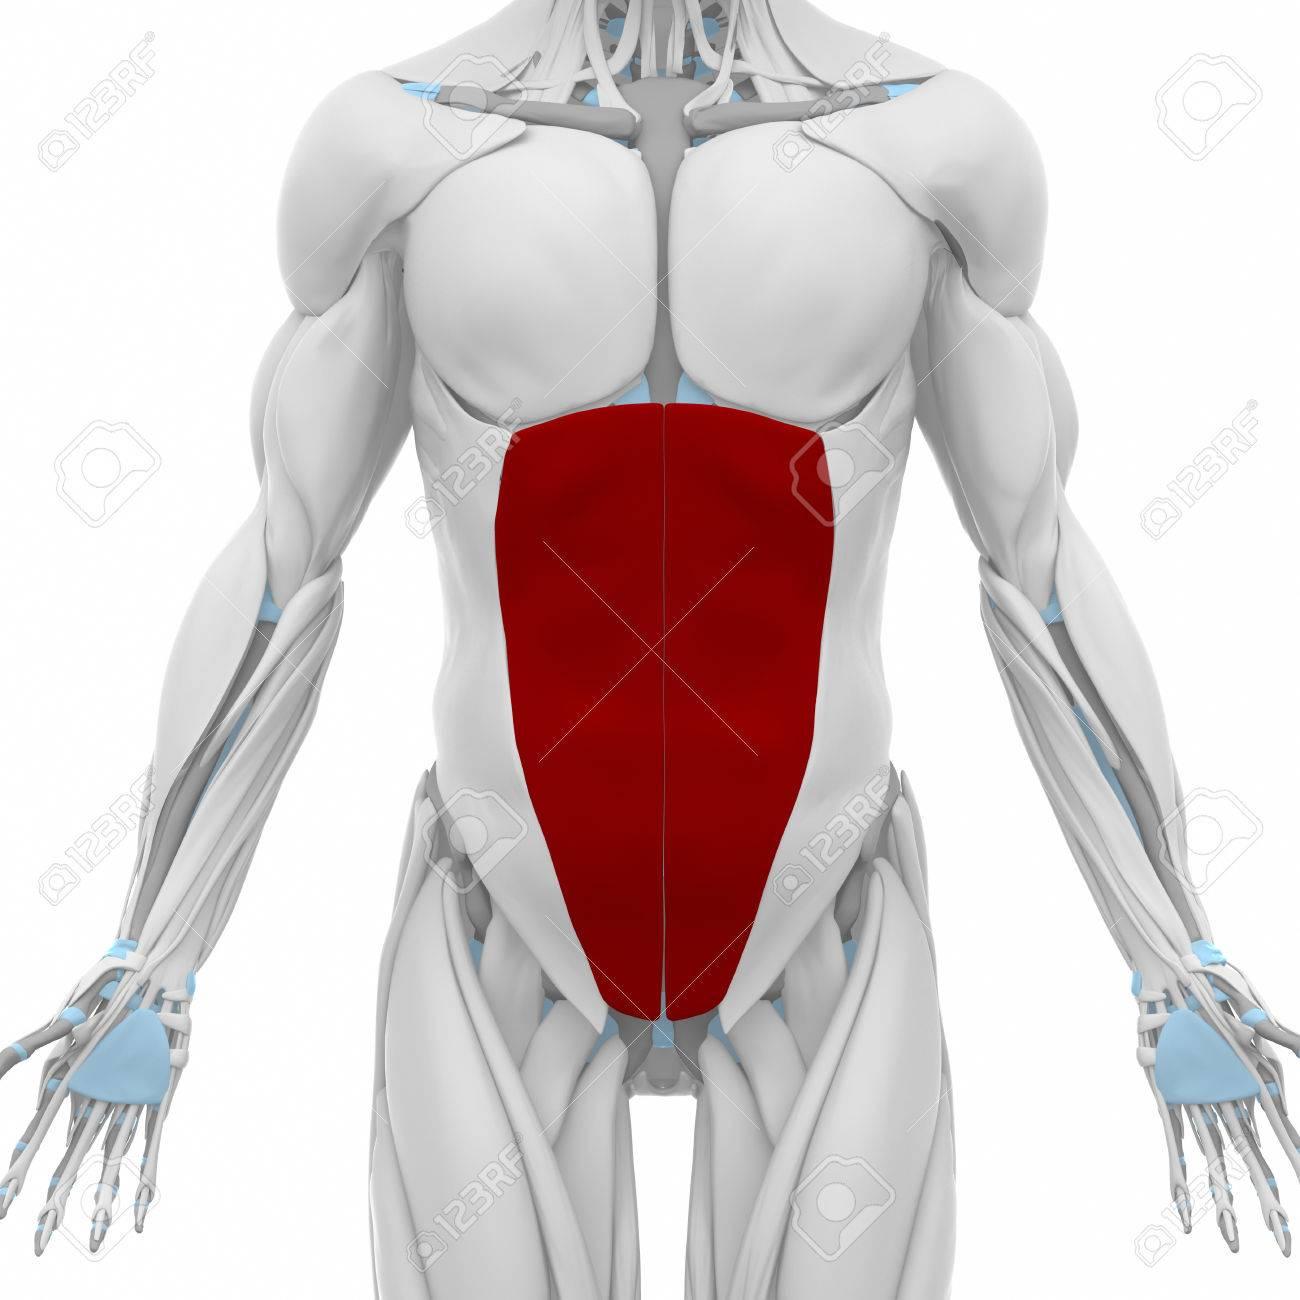 Externe Schrägen Bauch - Muskeln Anatomie Karte Lizenzfreie Fotos ...